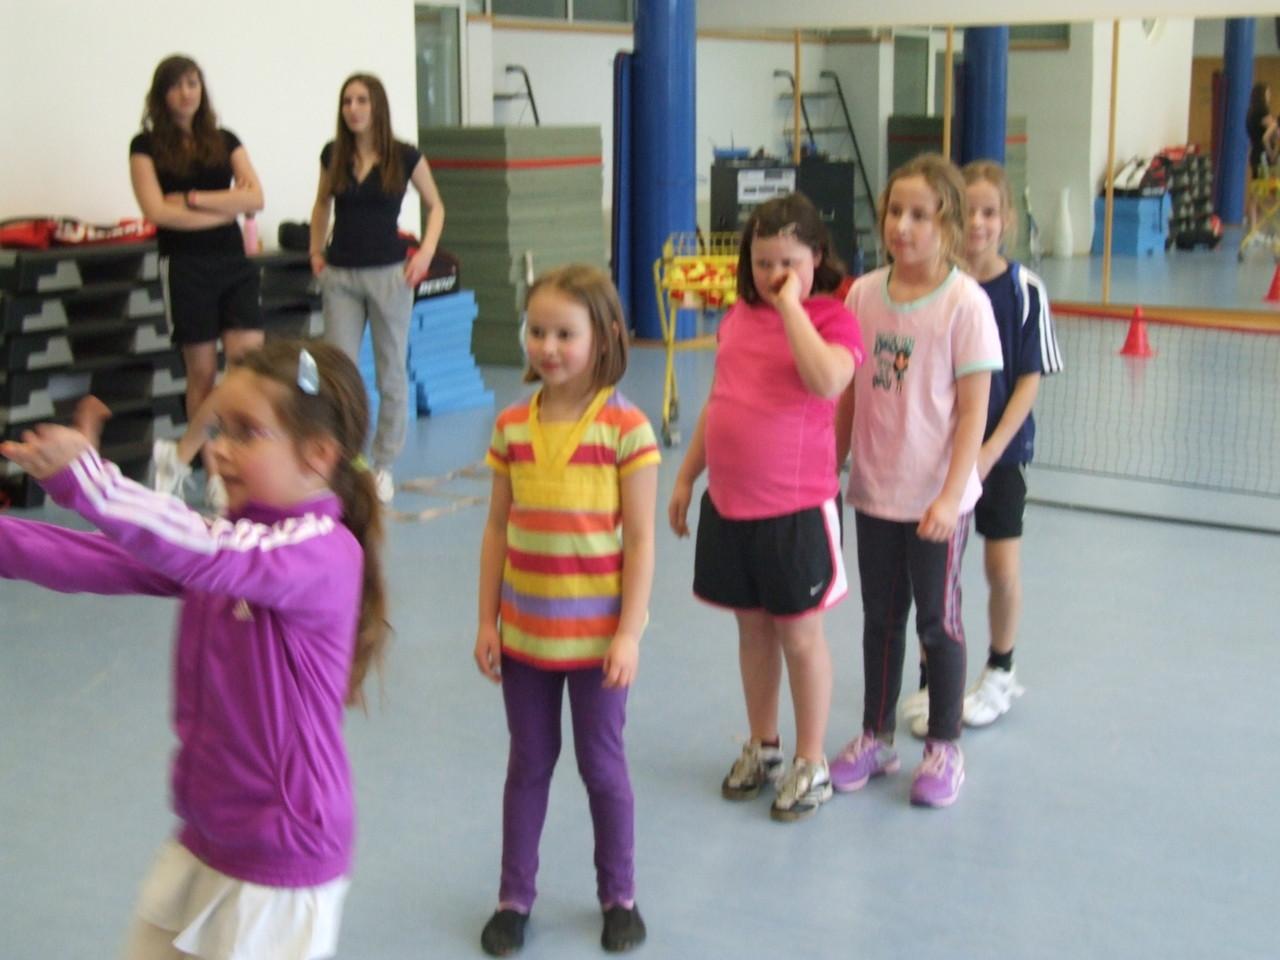 Unsere Jüngste beim Training in der Turnhalle